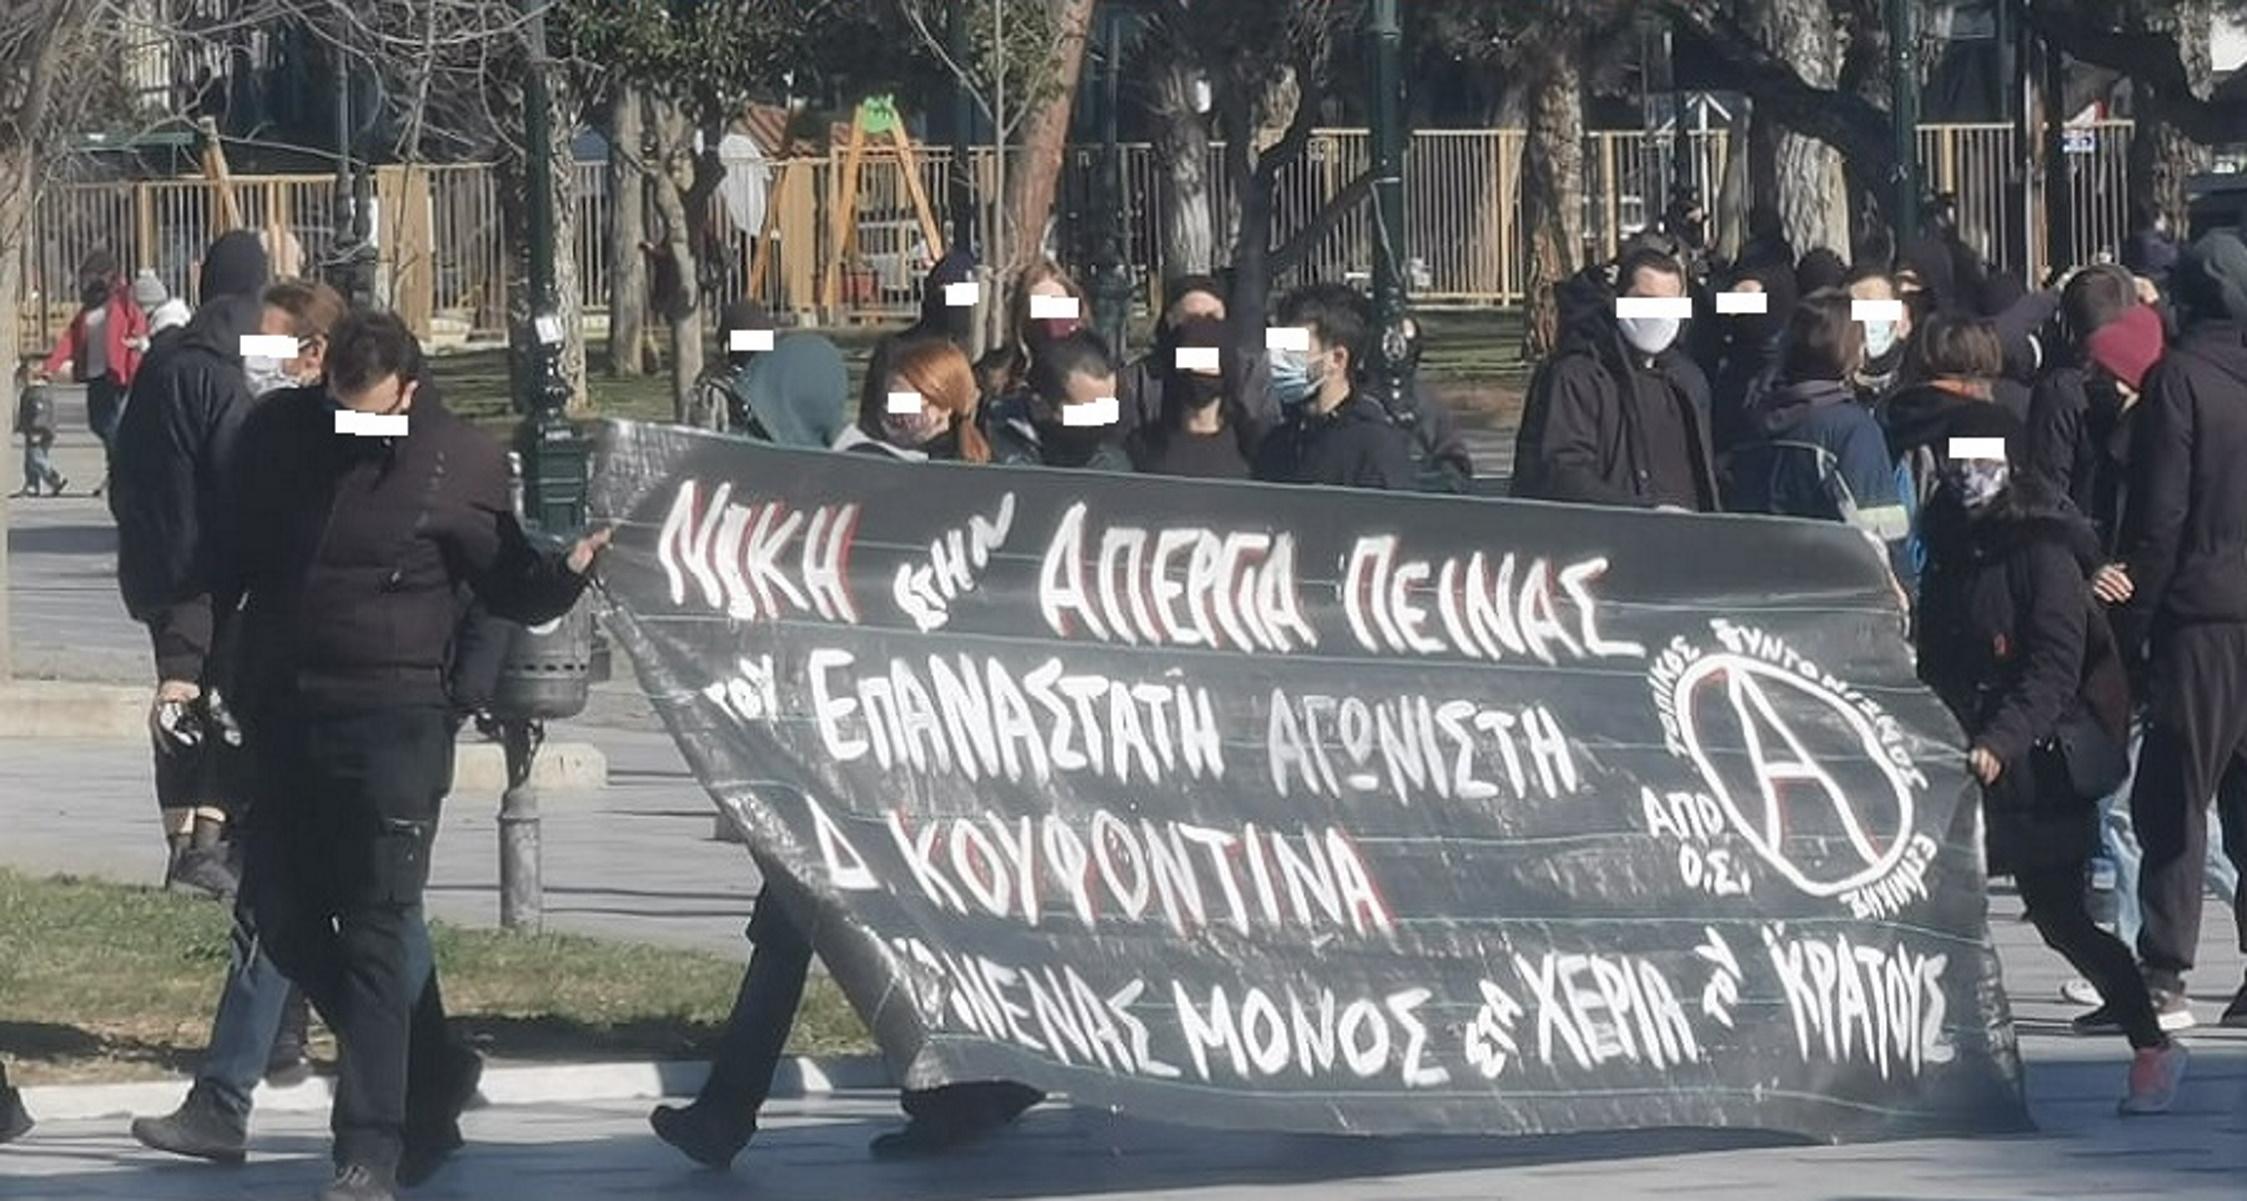 Συγκέντρωση για Κουφοντίνα στη Θεσσαλονίκη – Ισχυρή παρουσία της αστυνομίας (pics, video)